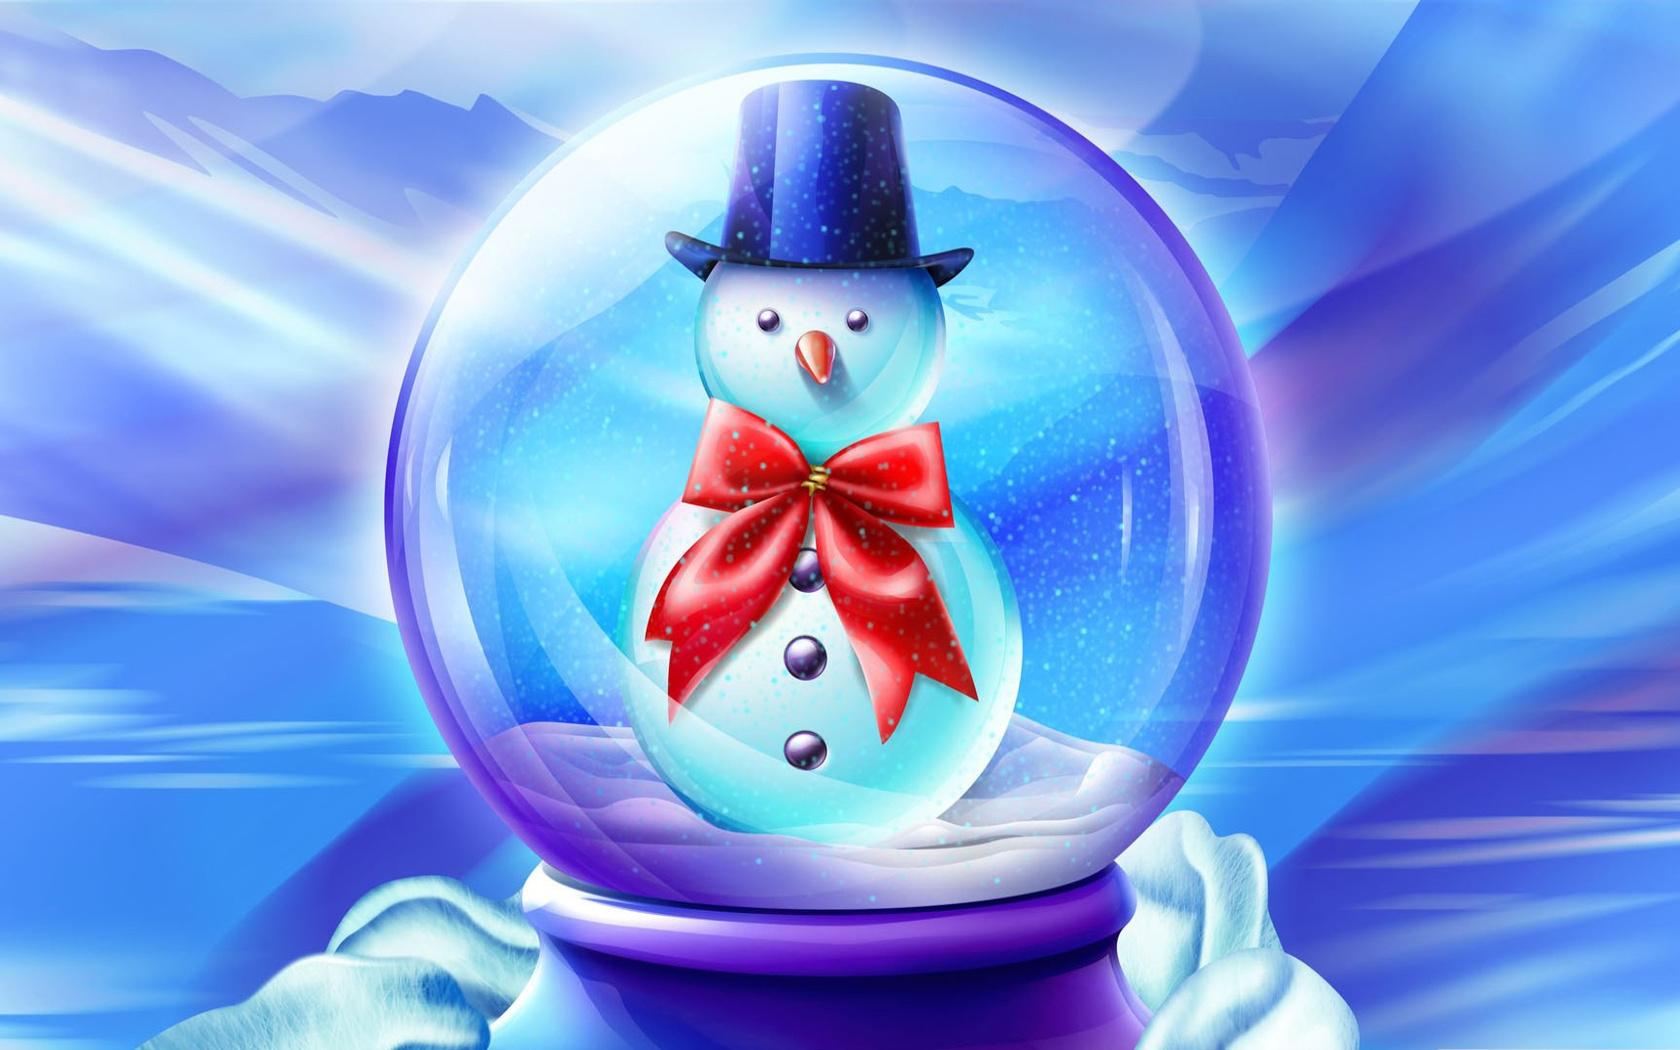 новый год снеговик картинки красивые на телефон салона